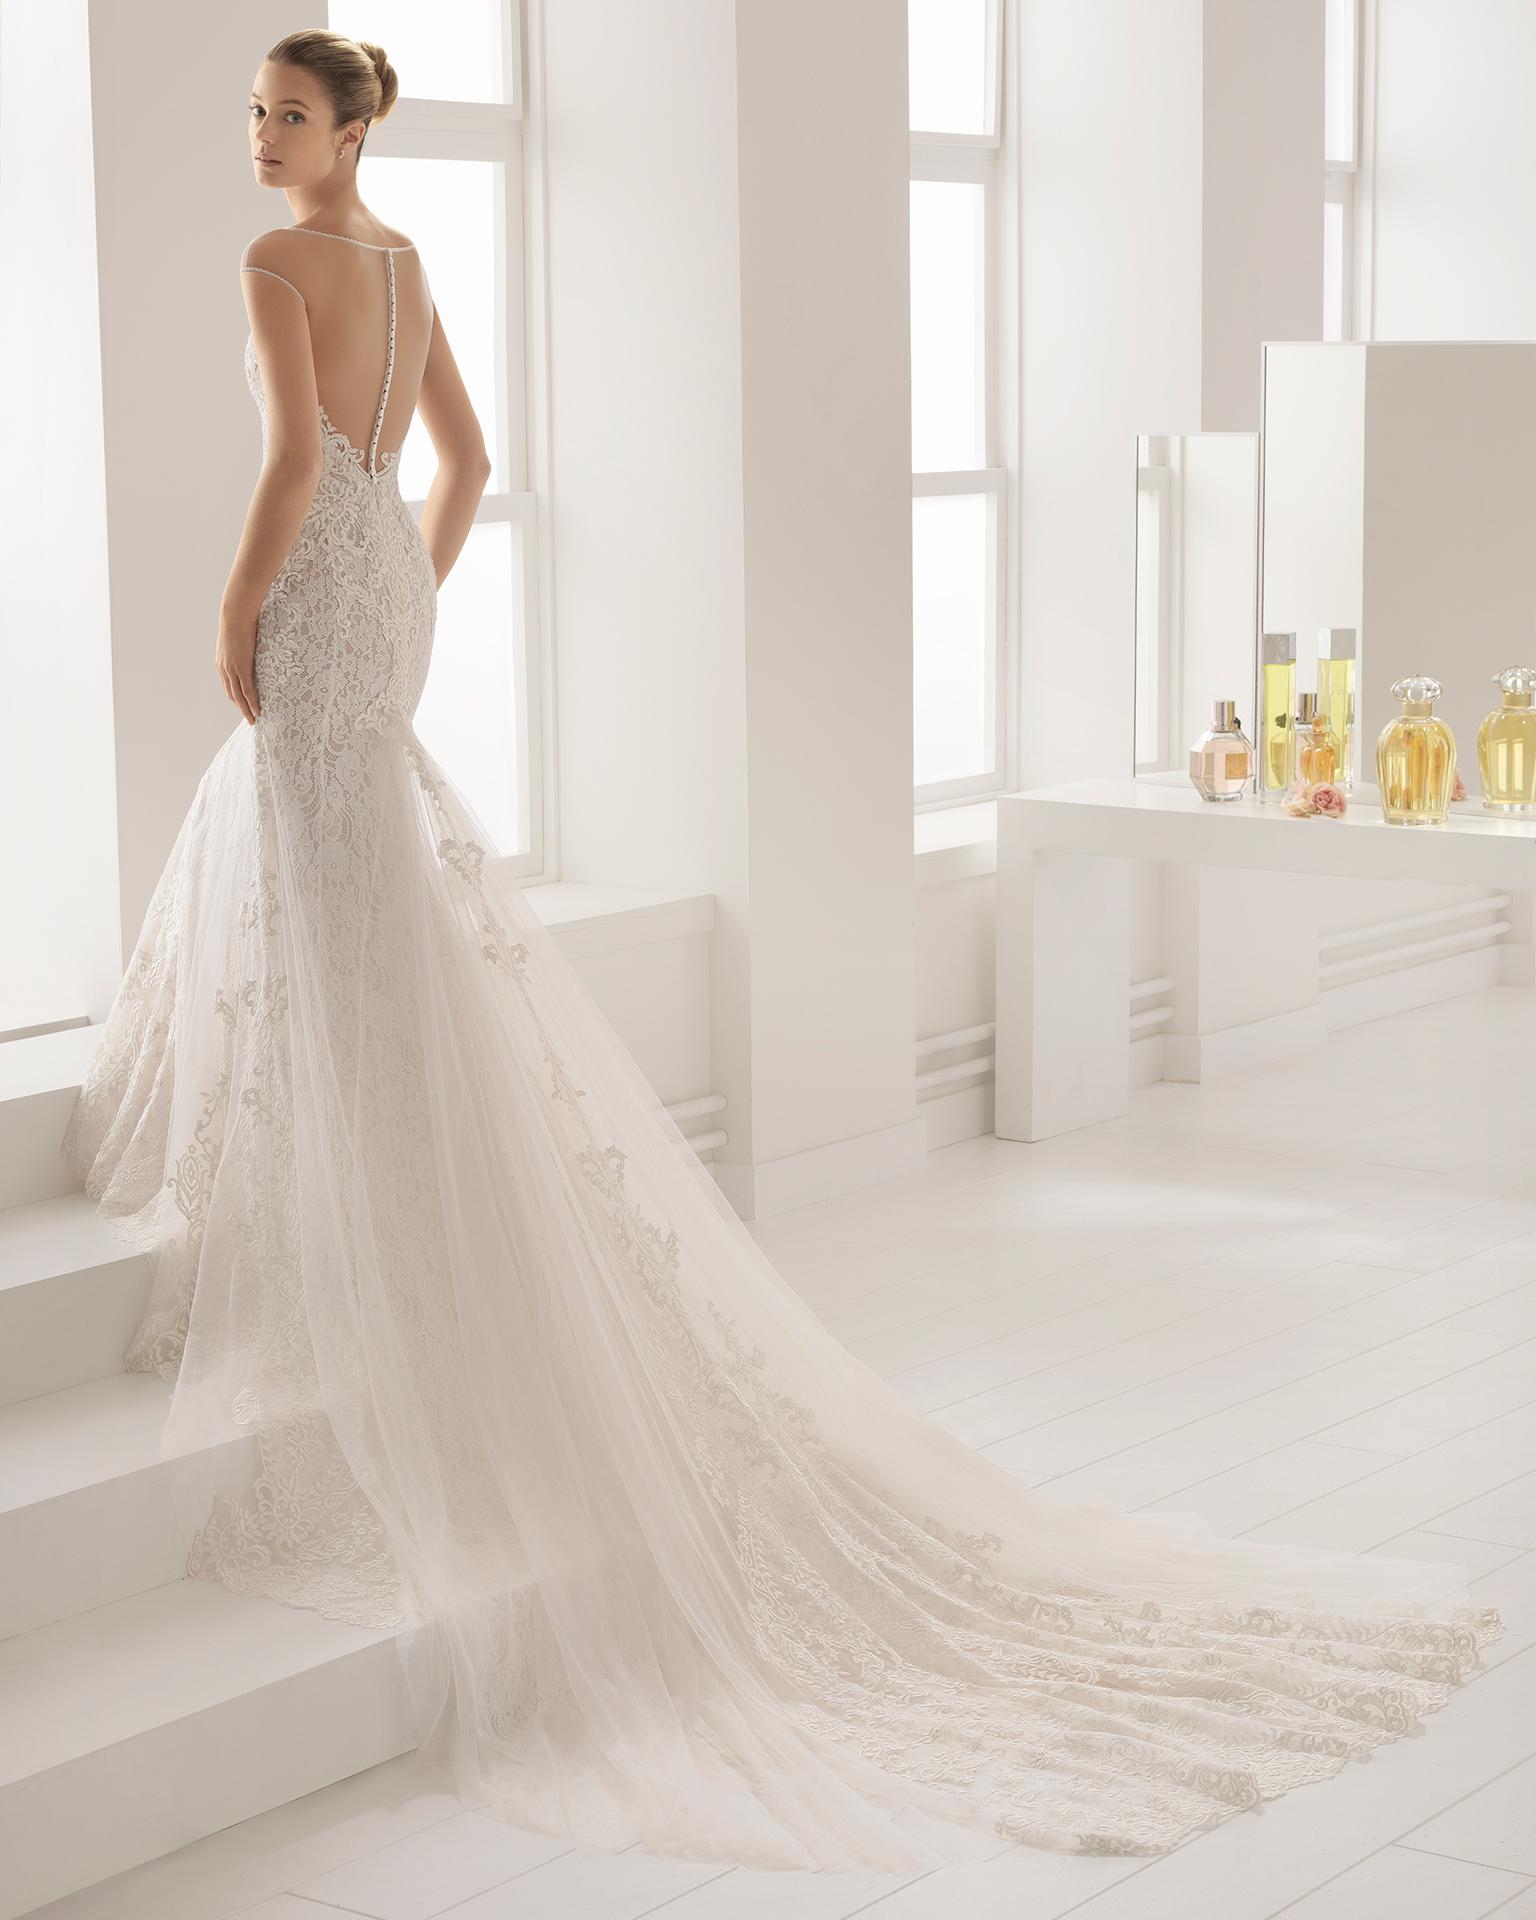 f4c87ab1d4 Vestido de novia corte sirena en encaje con transparencias y pedrería con  escote ilusión y espalda ...